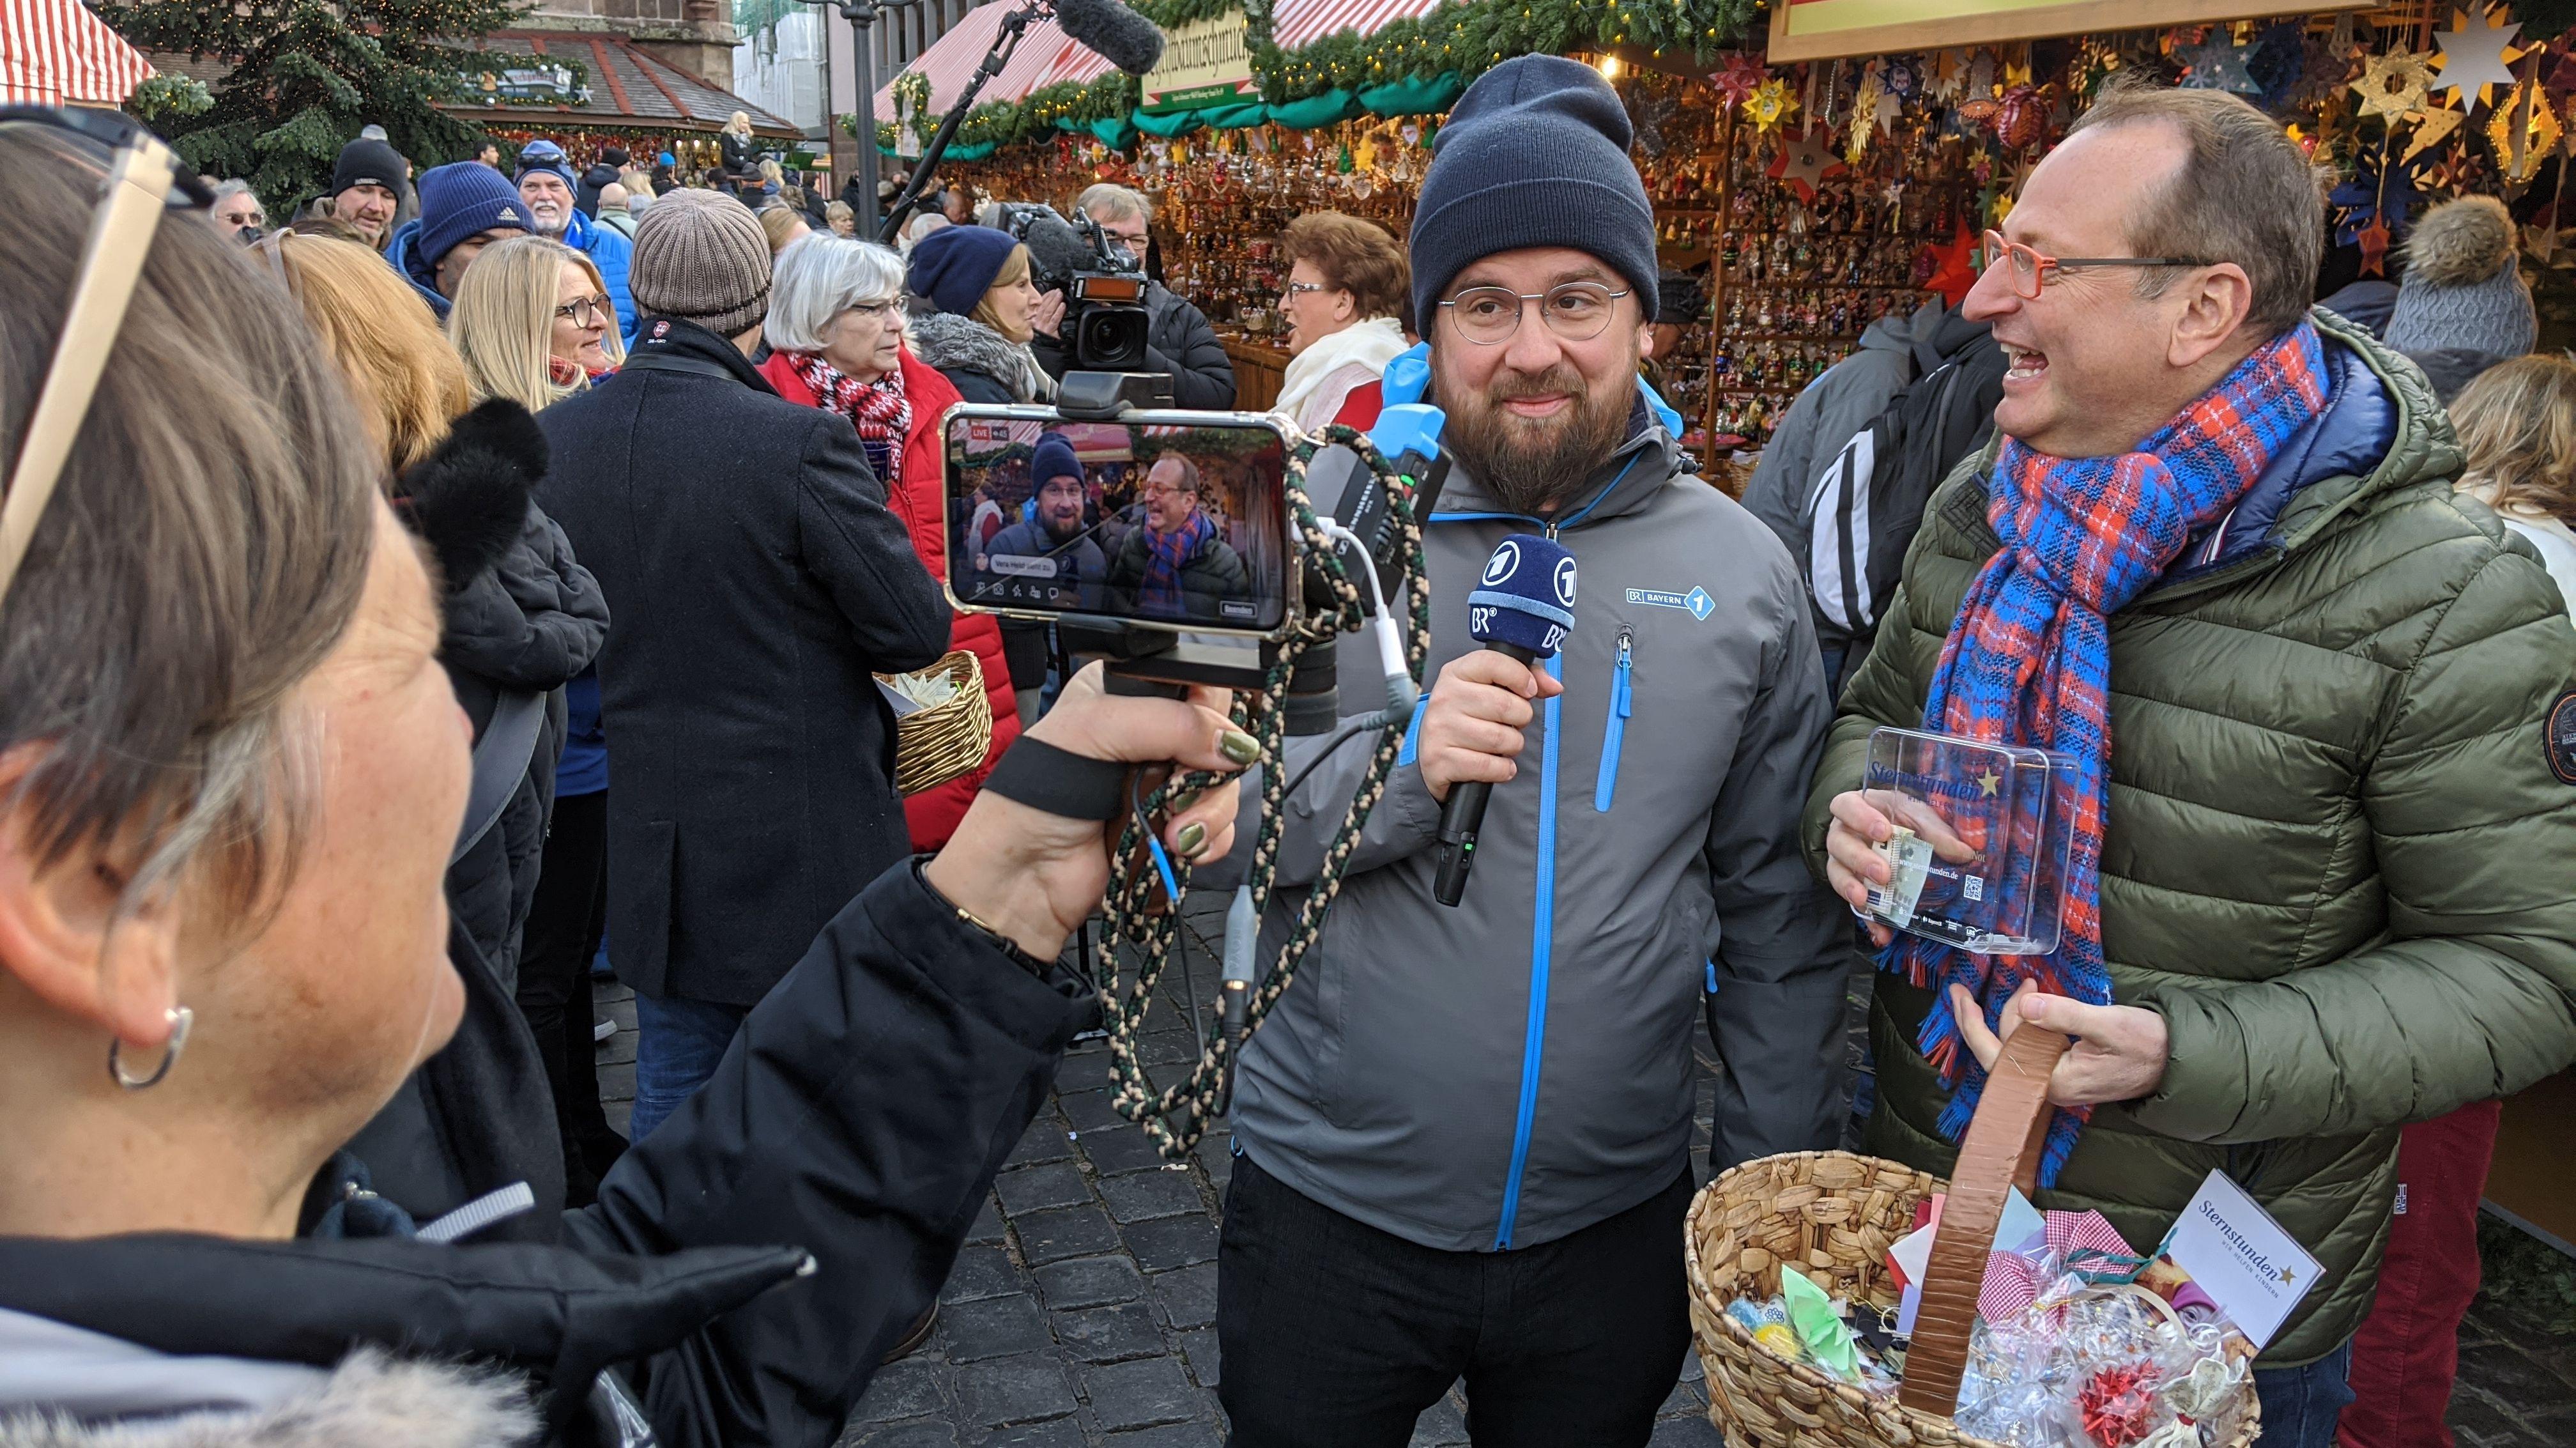 Matthias Rüd mit Mikrophon schaut in Handykamera, daneben steht der lachende Volker Heißmann